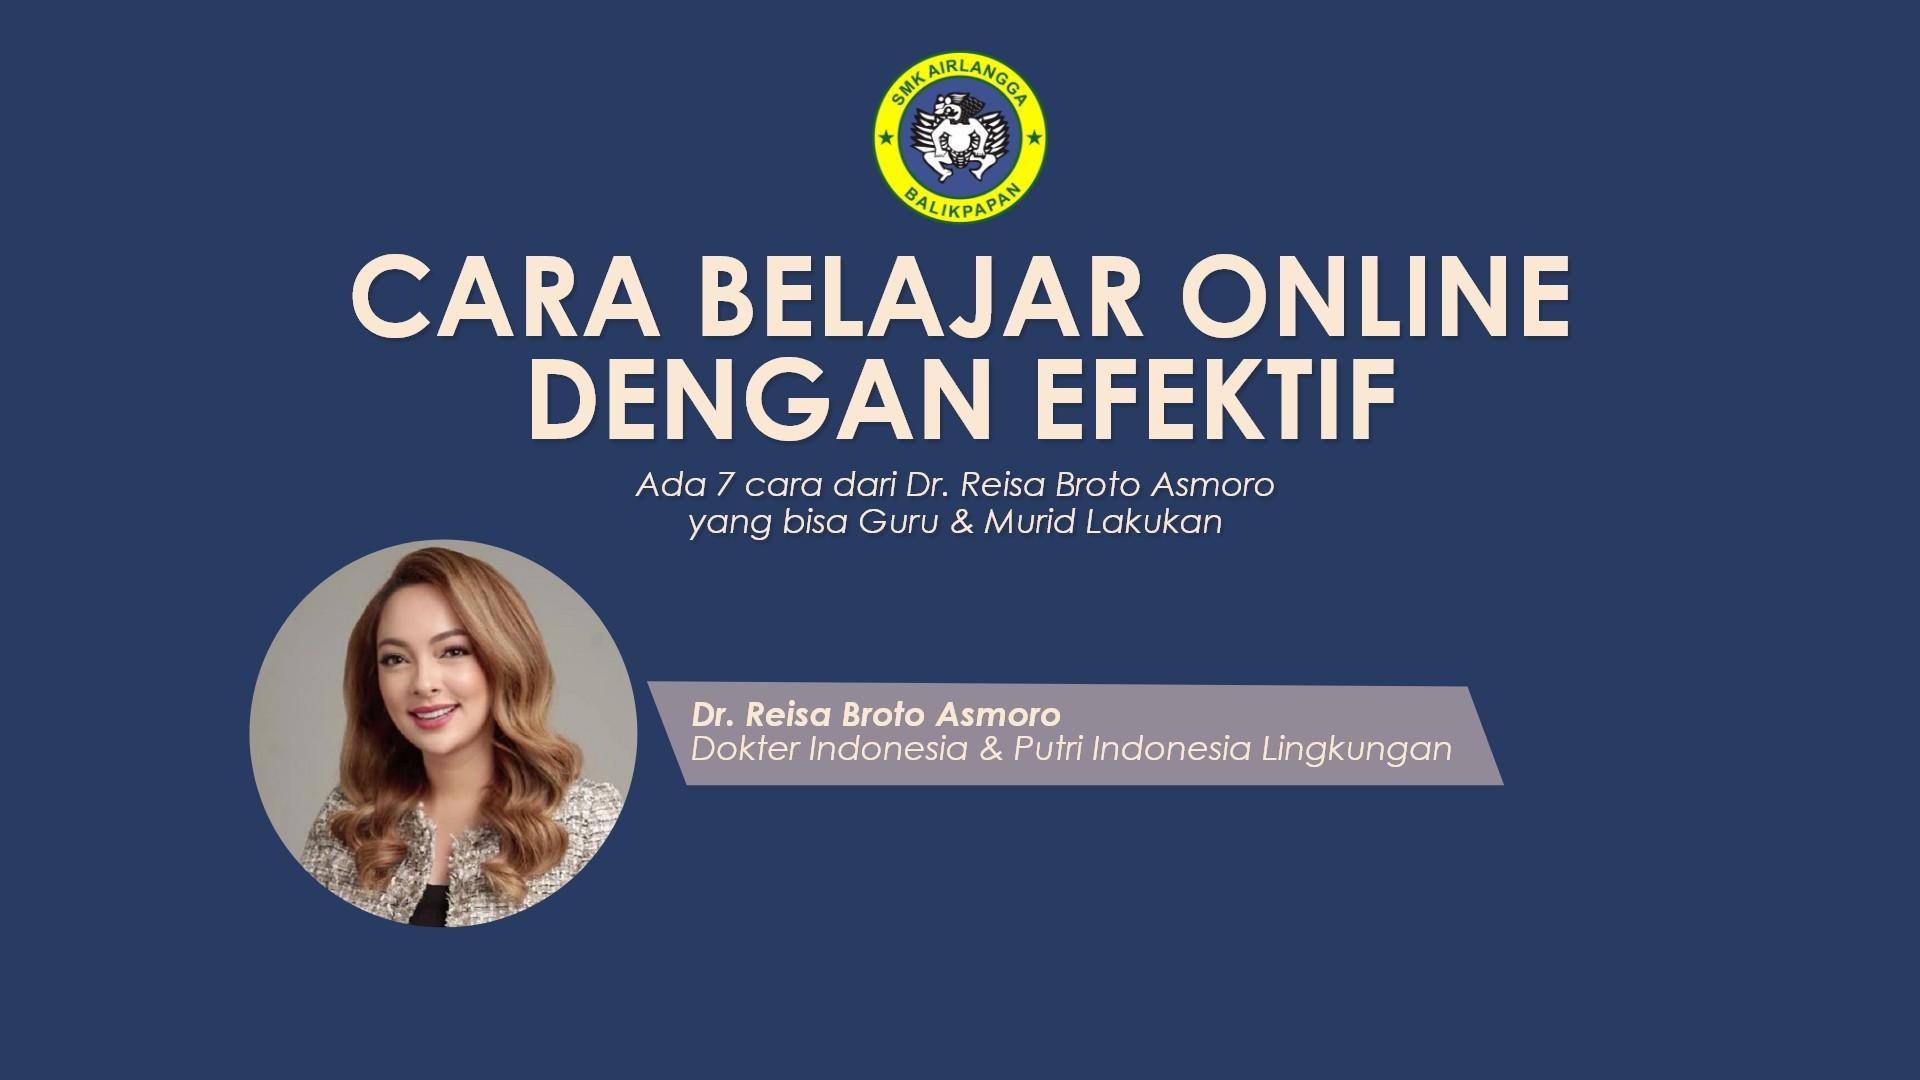 Ini dia Cara Belajar Online Dengan Efektif -  Dr.Reisa Broto Asmoro